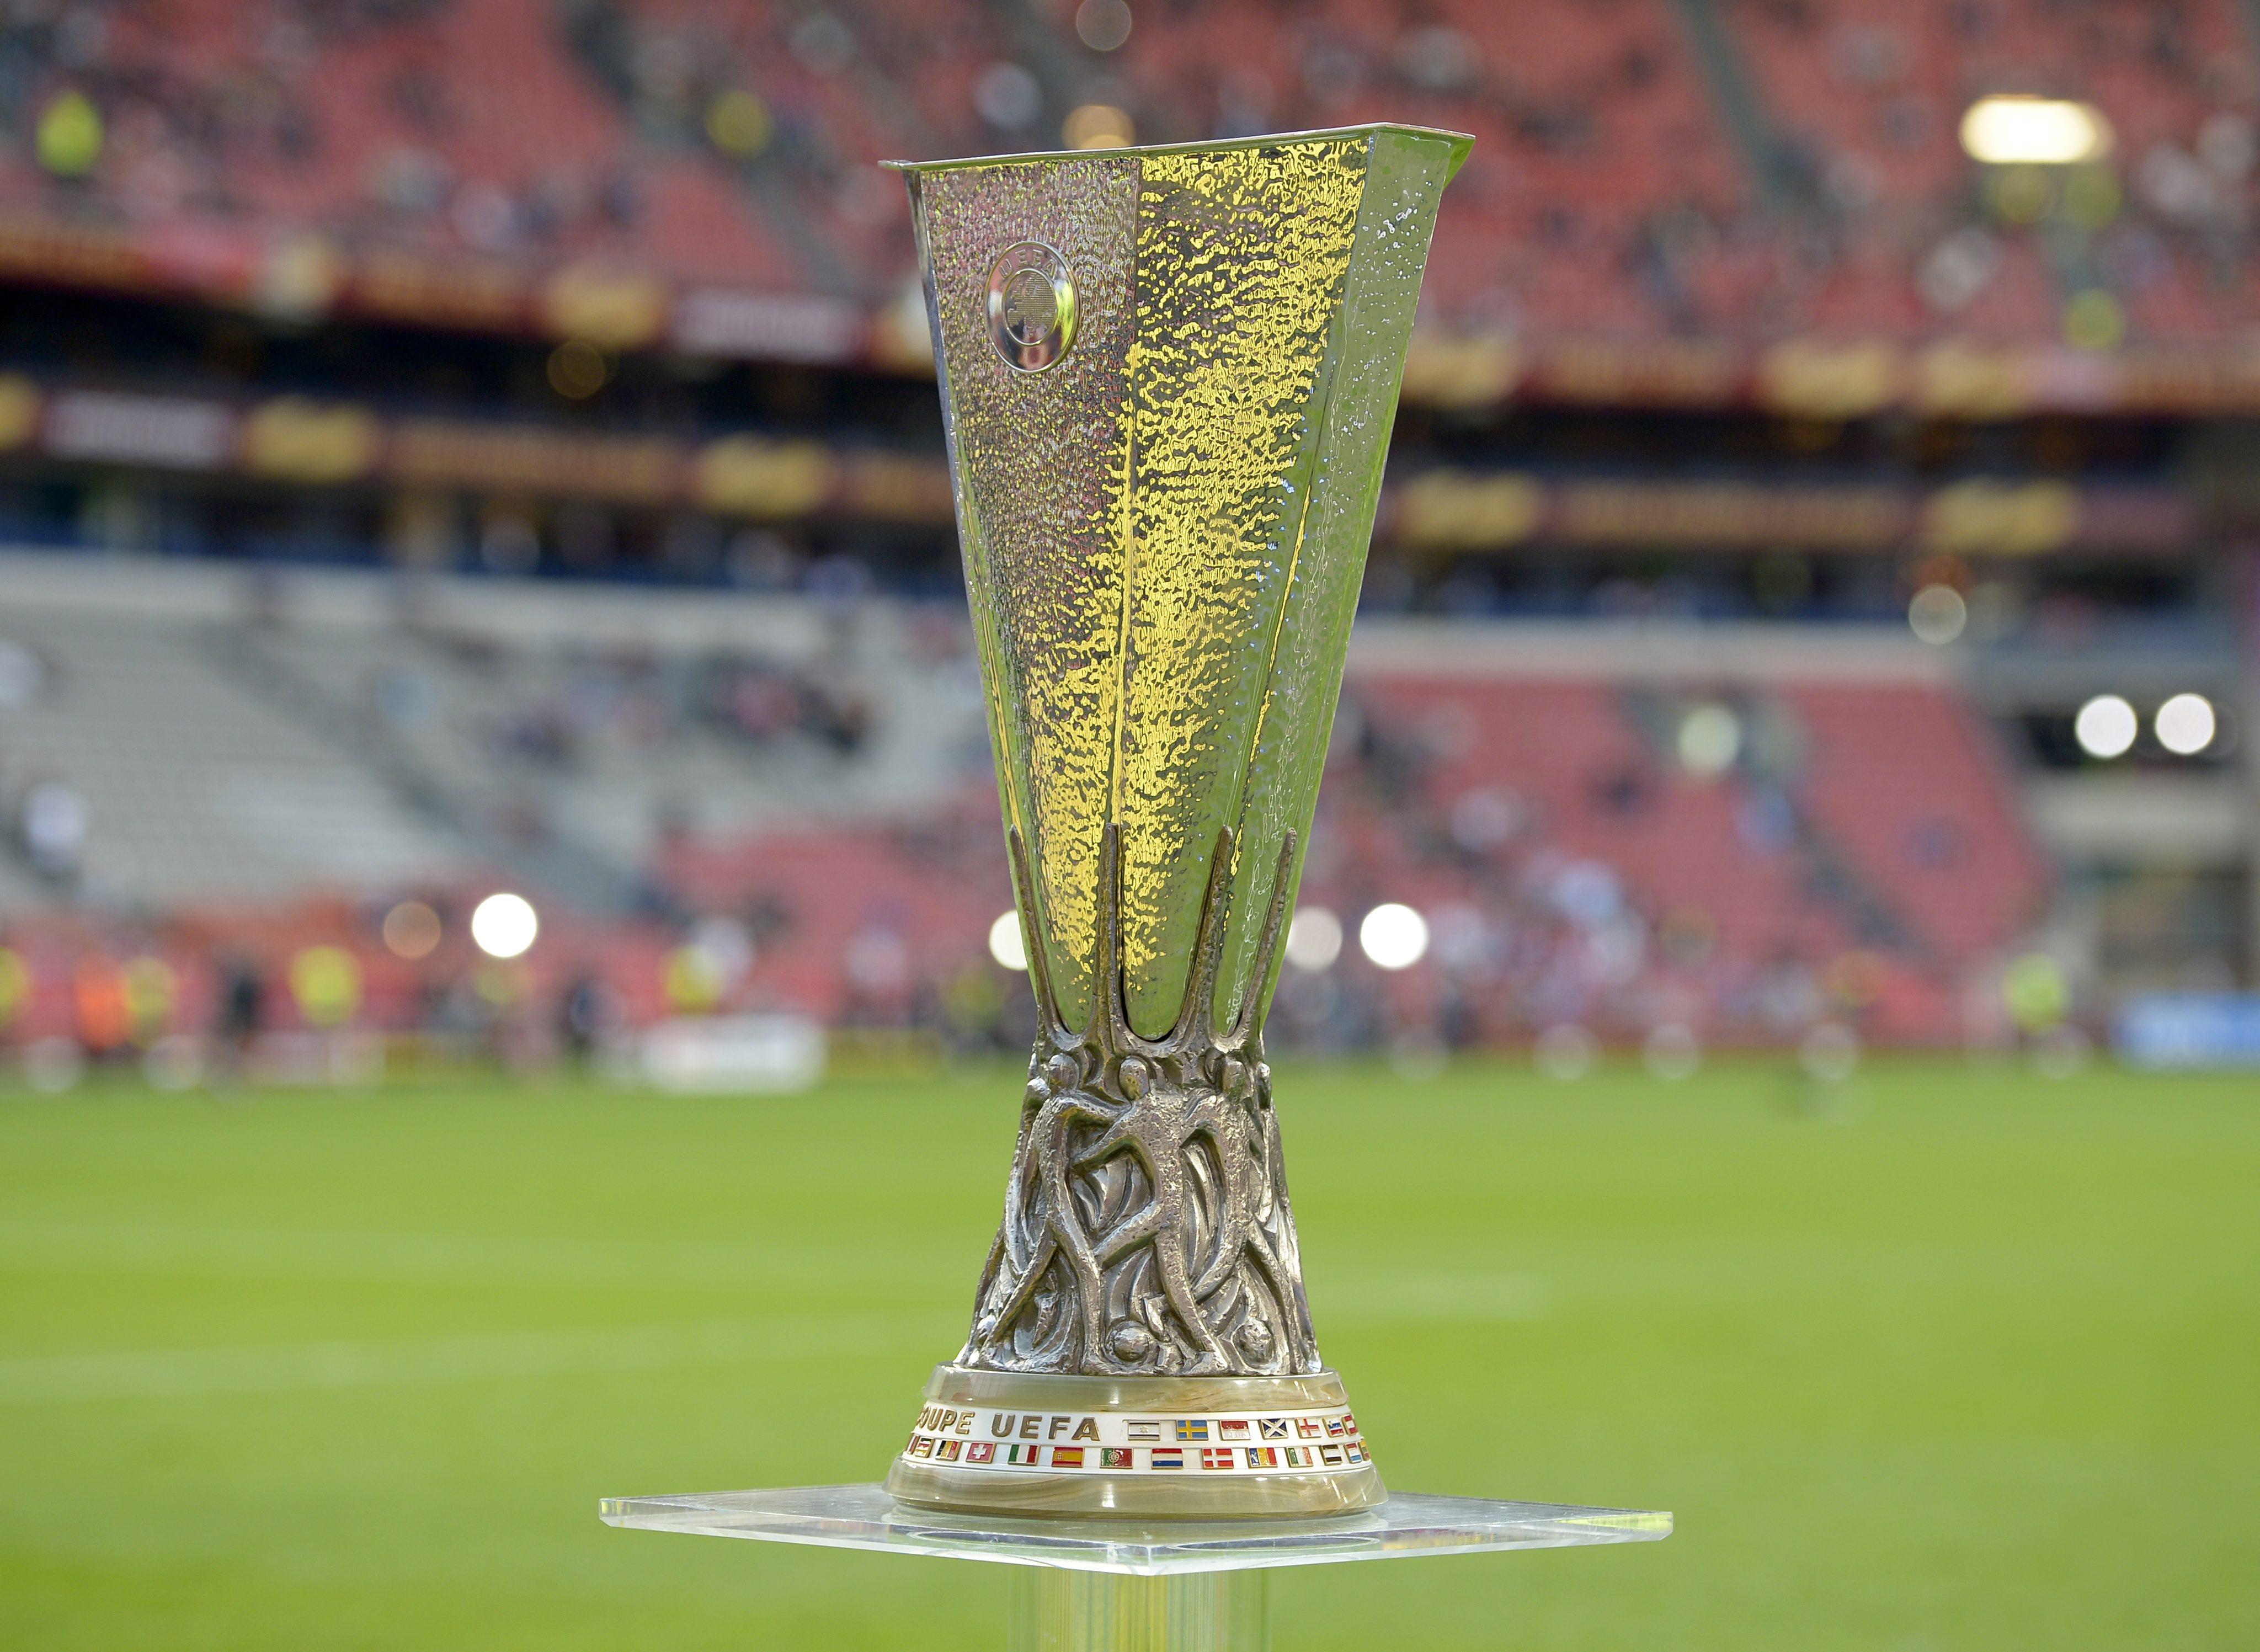 751d3b234b6 Всички резултати от мачовете в Лига Европа | Корнер.dir.bg